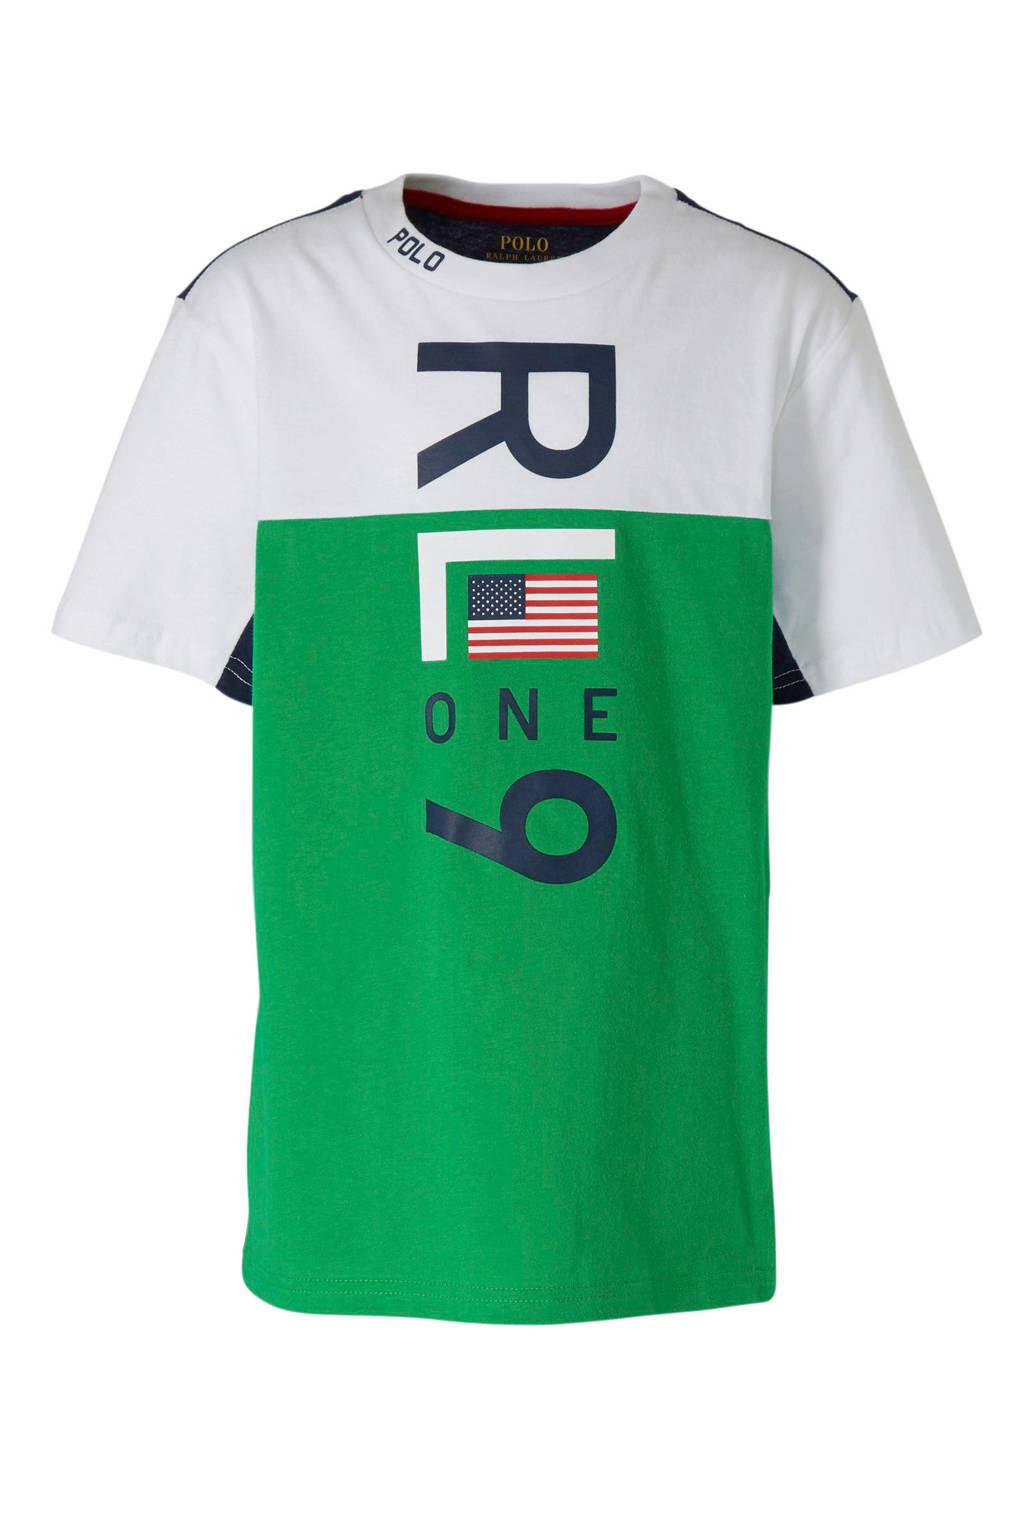 POLO Ralph Lauren T-shirt met tekst groen, Groen/wit/donkerblauw